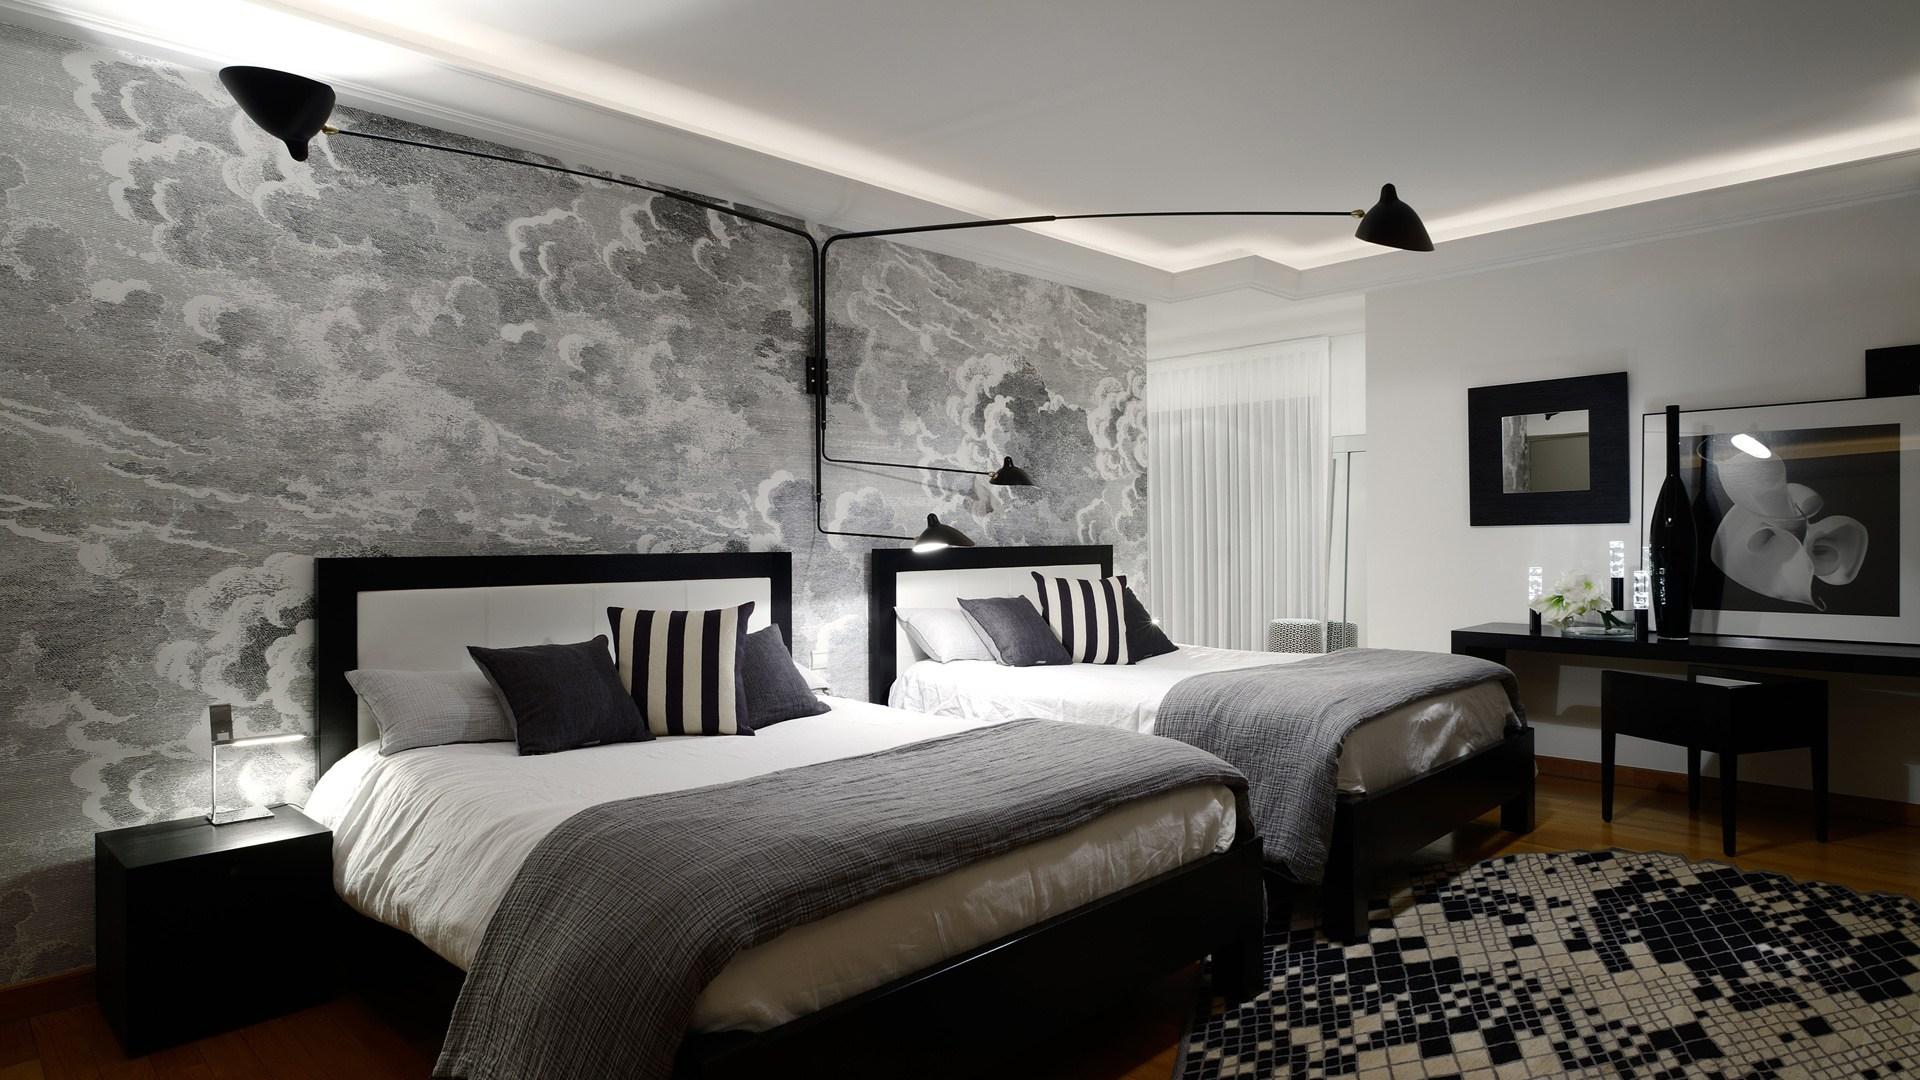 applique 4 bras pivotants. Black Bedroom Furniture Sets. Home Design Ideas